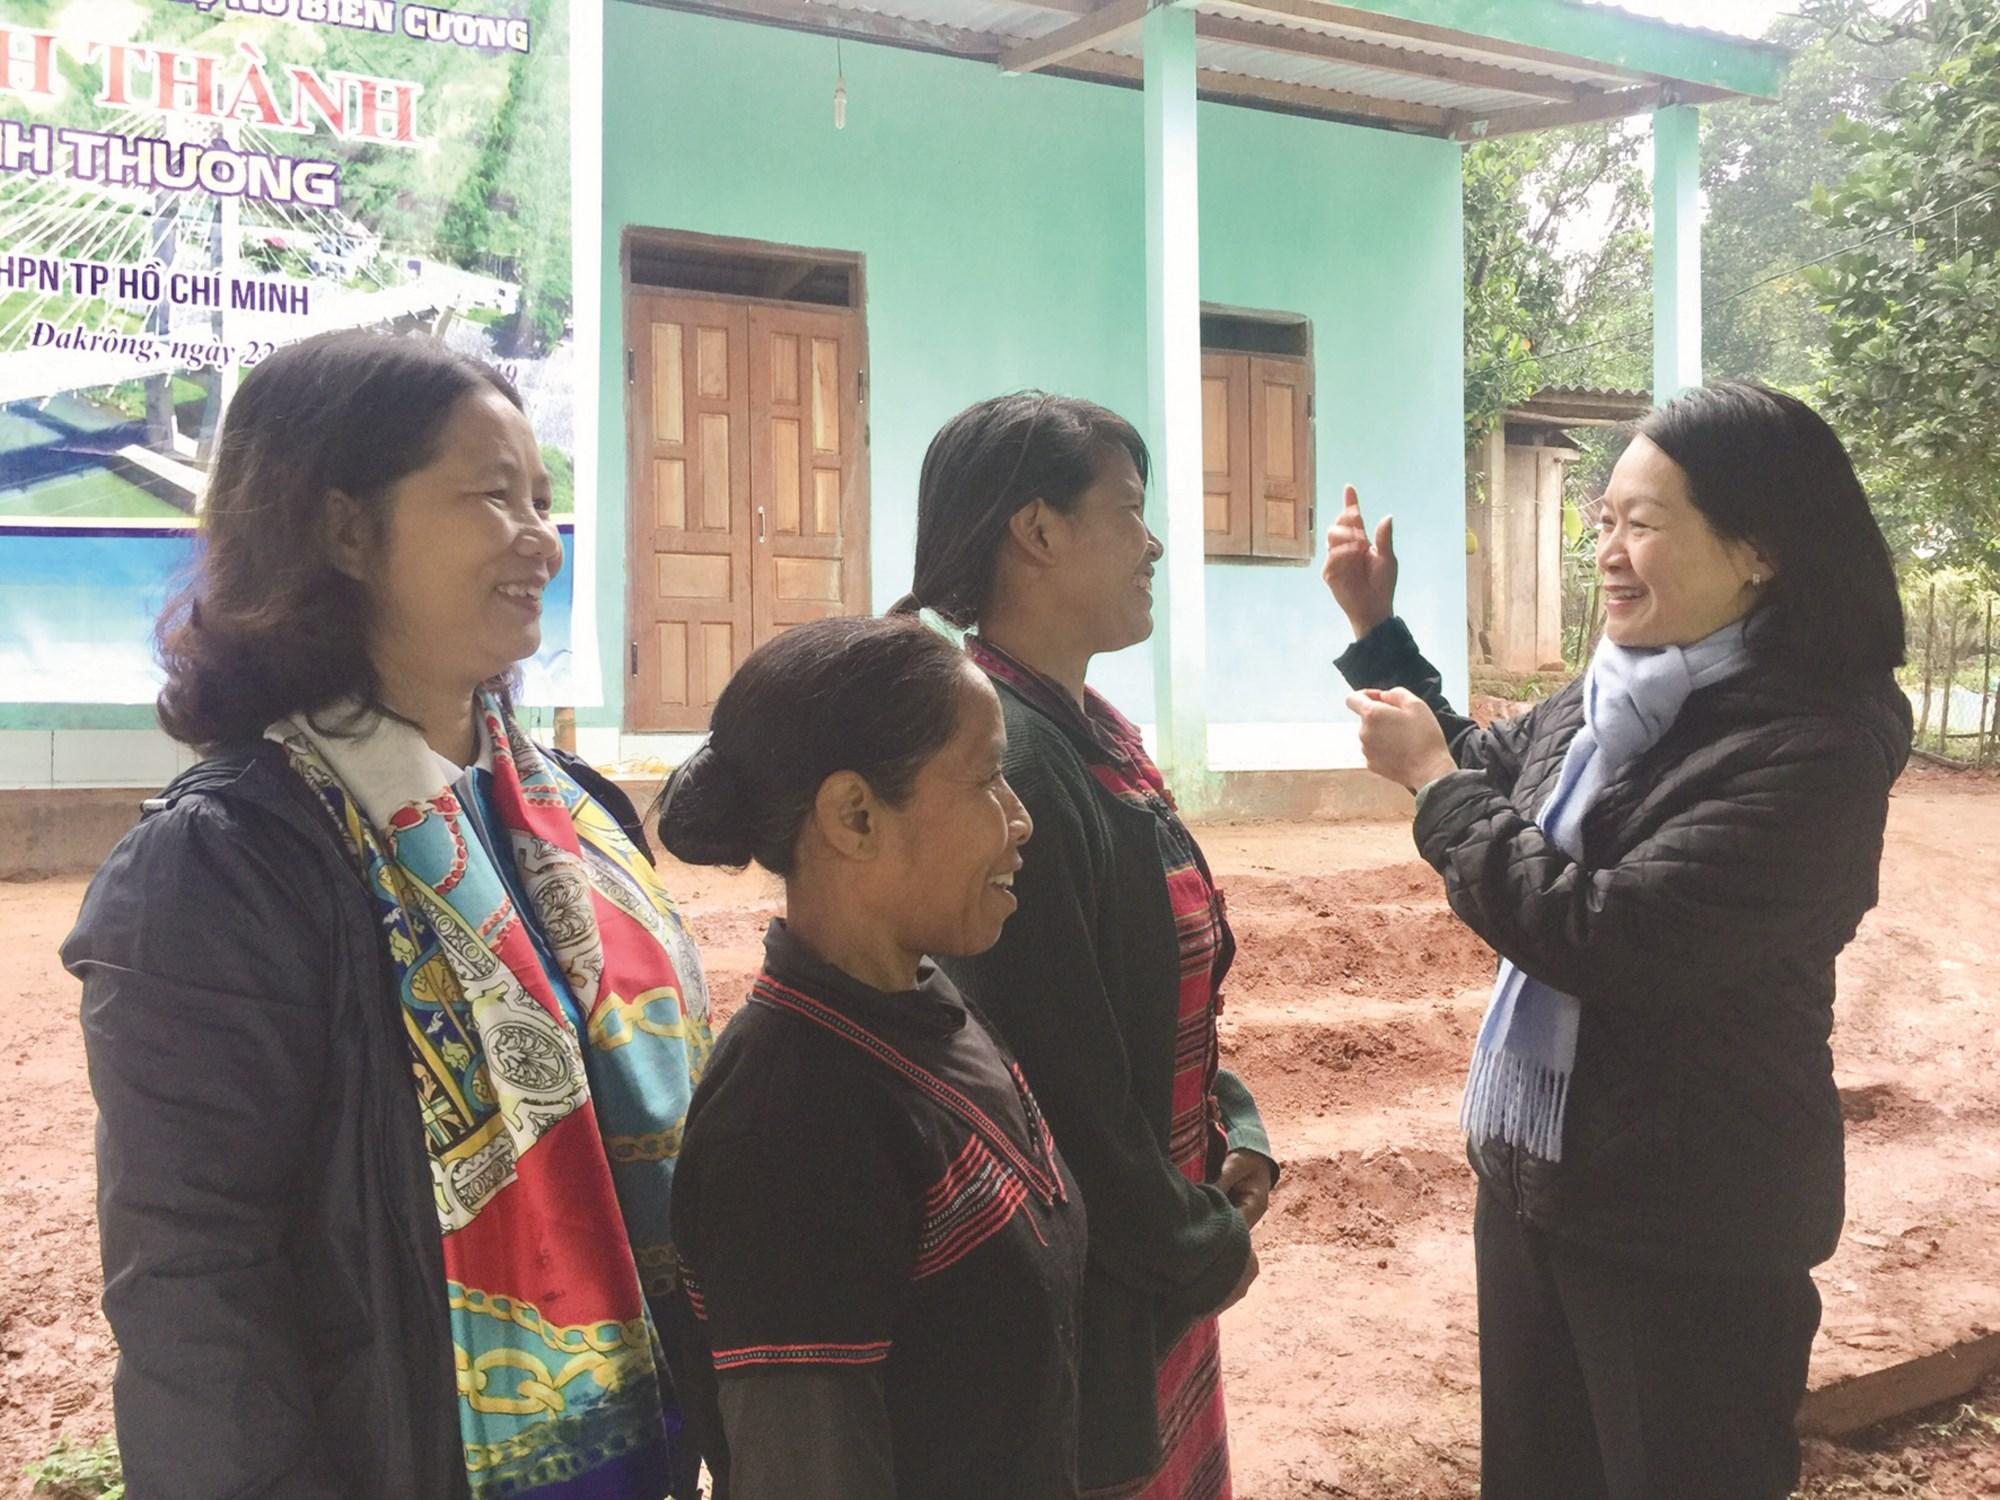 Phó Chủ tịch Trung ương Hội LHPN Việt Nam Bùi Thị Hòa (bên phải) tại Lễ trao tặng Mái ấm tình thương cho hội viên phụ nữ nghèo DTTS trong Chương trình đồng hành cùng phụ nữ biên cương tại xã A Ngo, huyện Đắk Rông, Quảng Trị (2019).